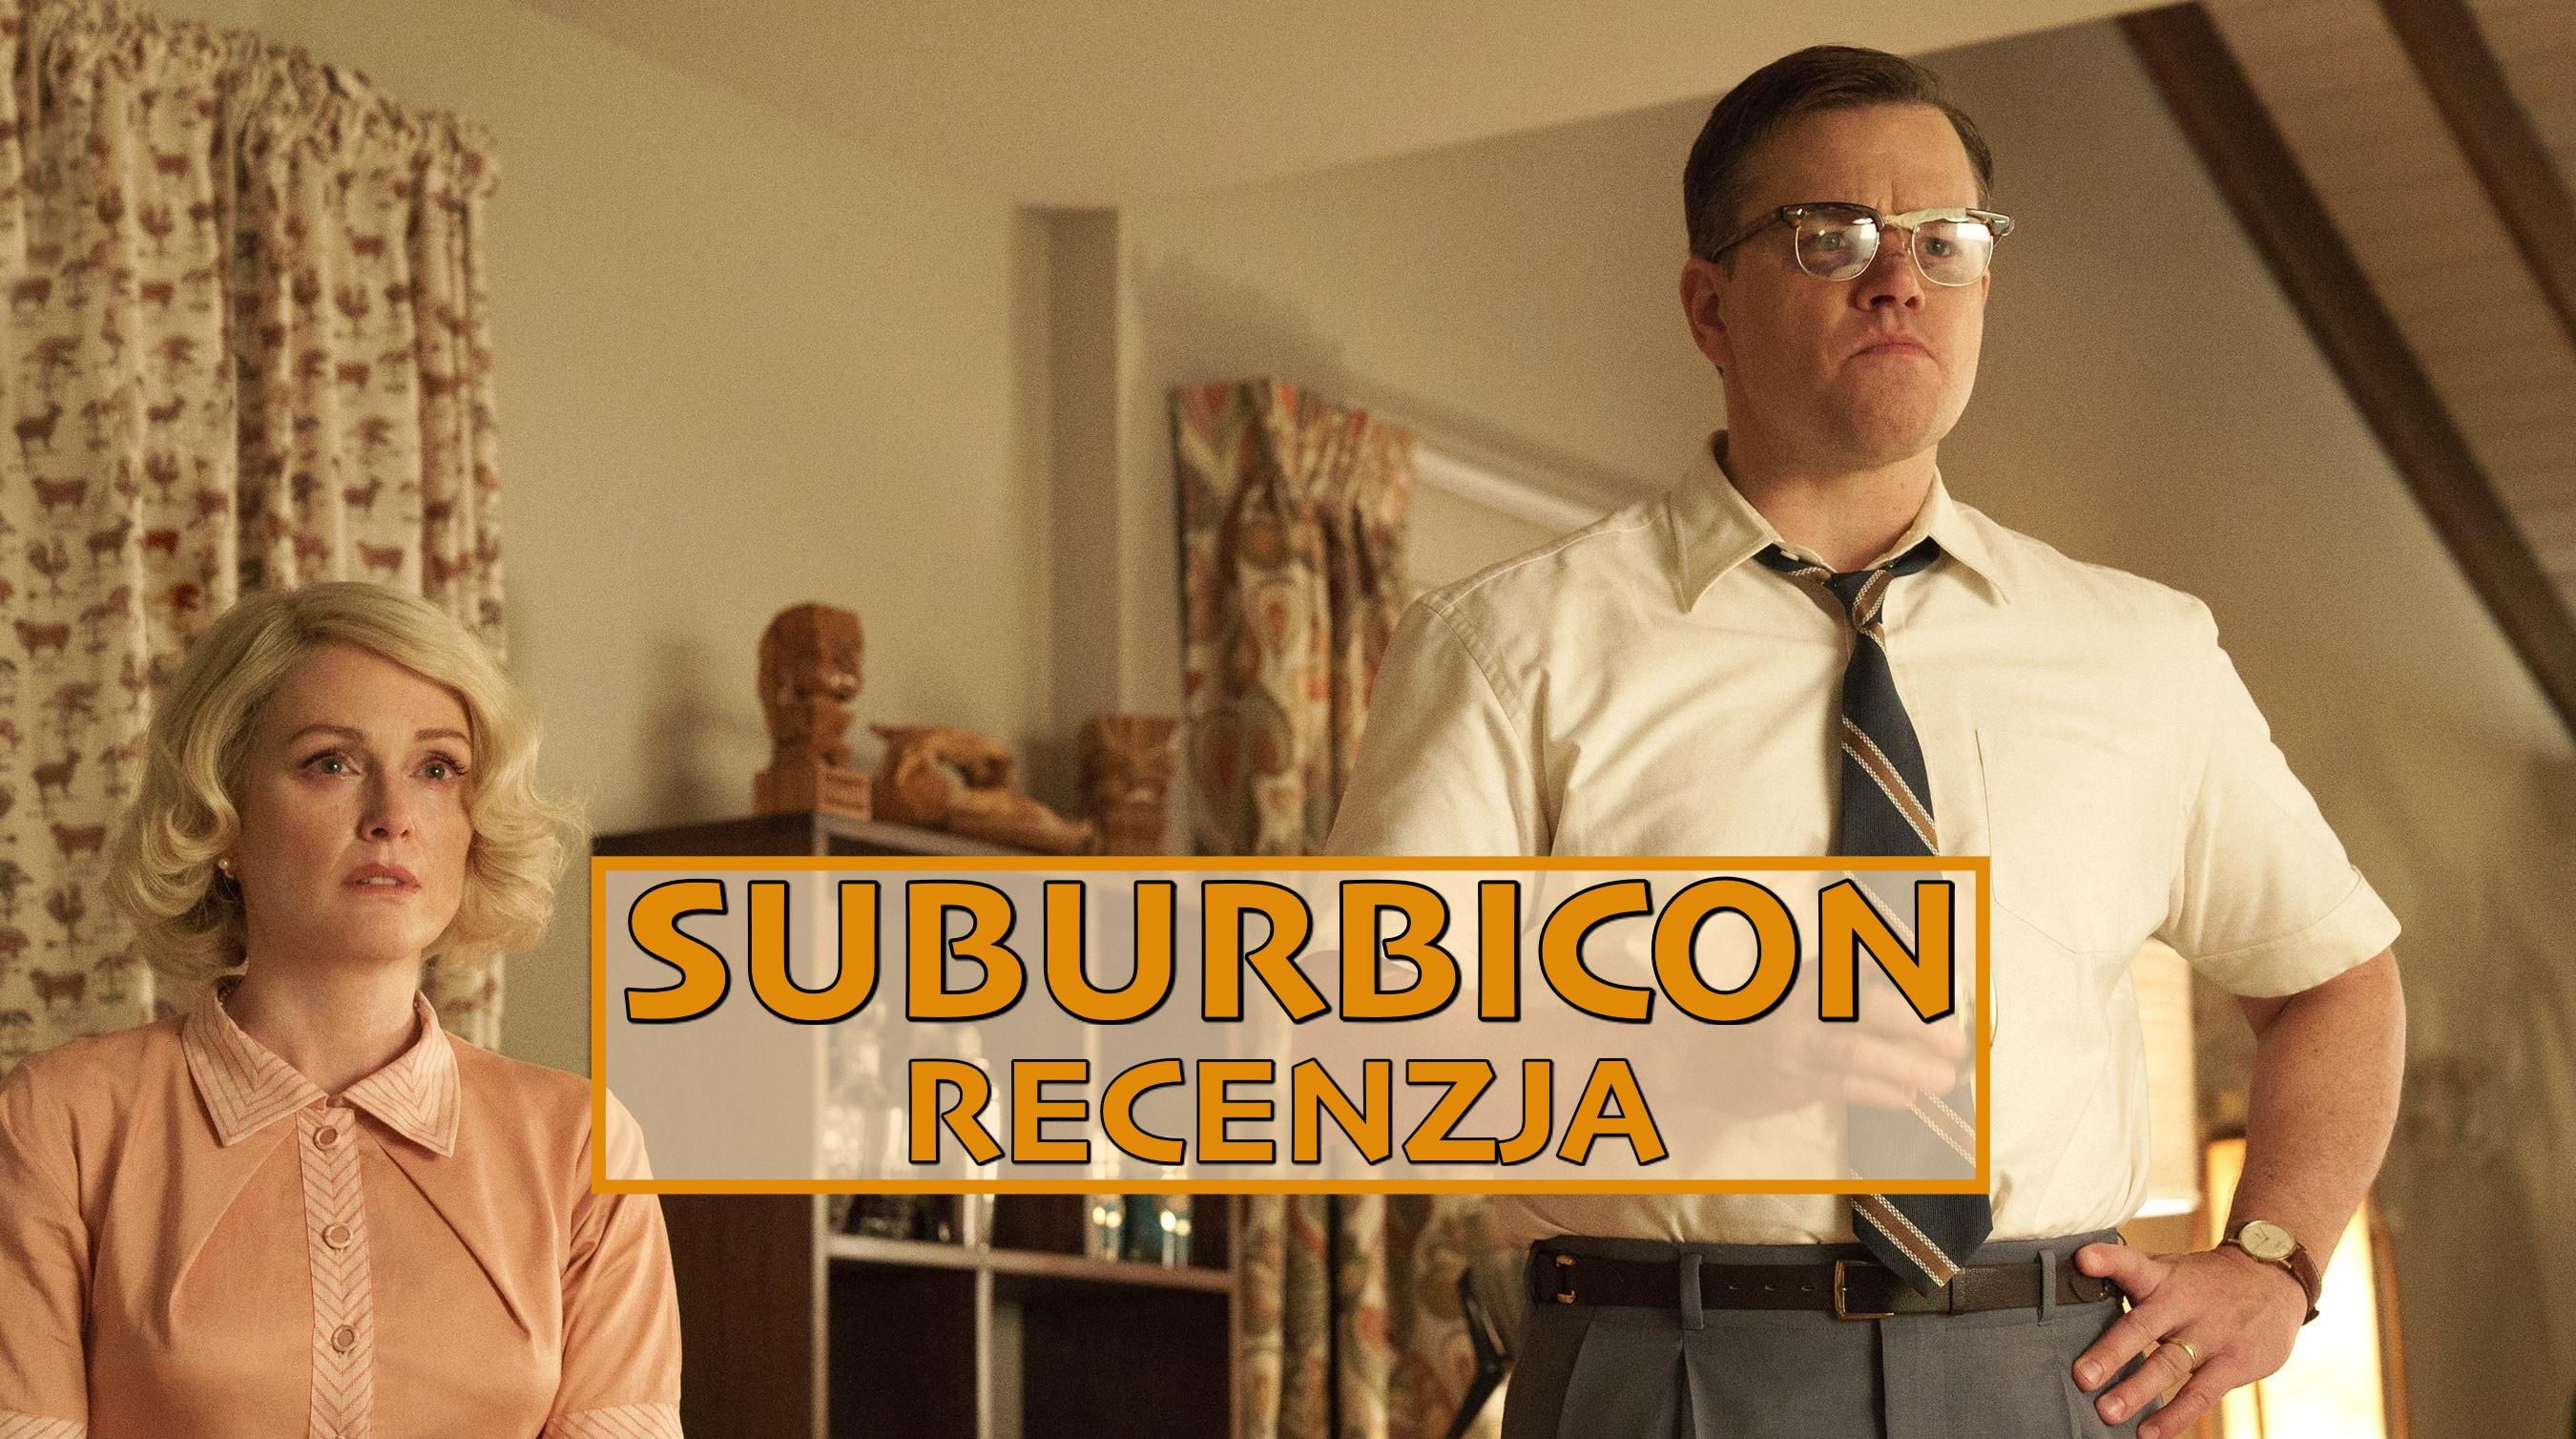 """Urok amerykańskich przedmieść – recenzja filmu """"Suburbicon"""""""